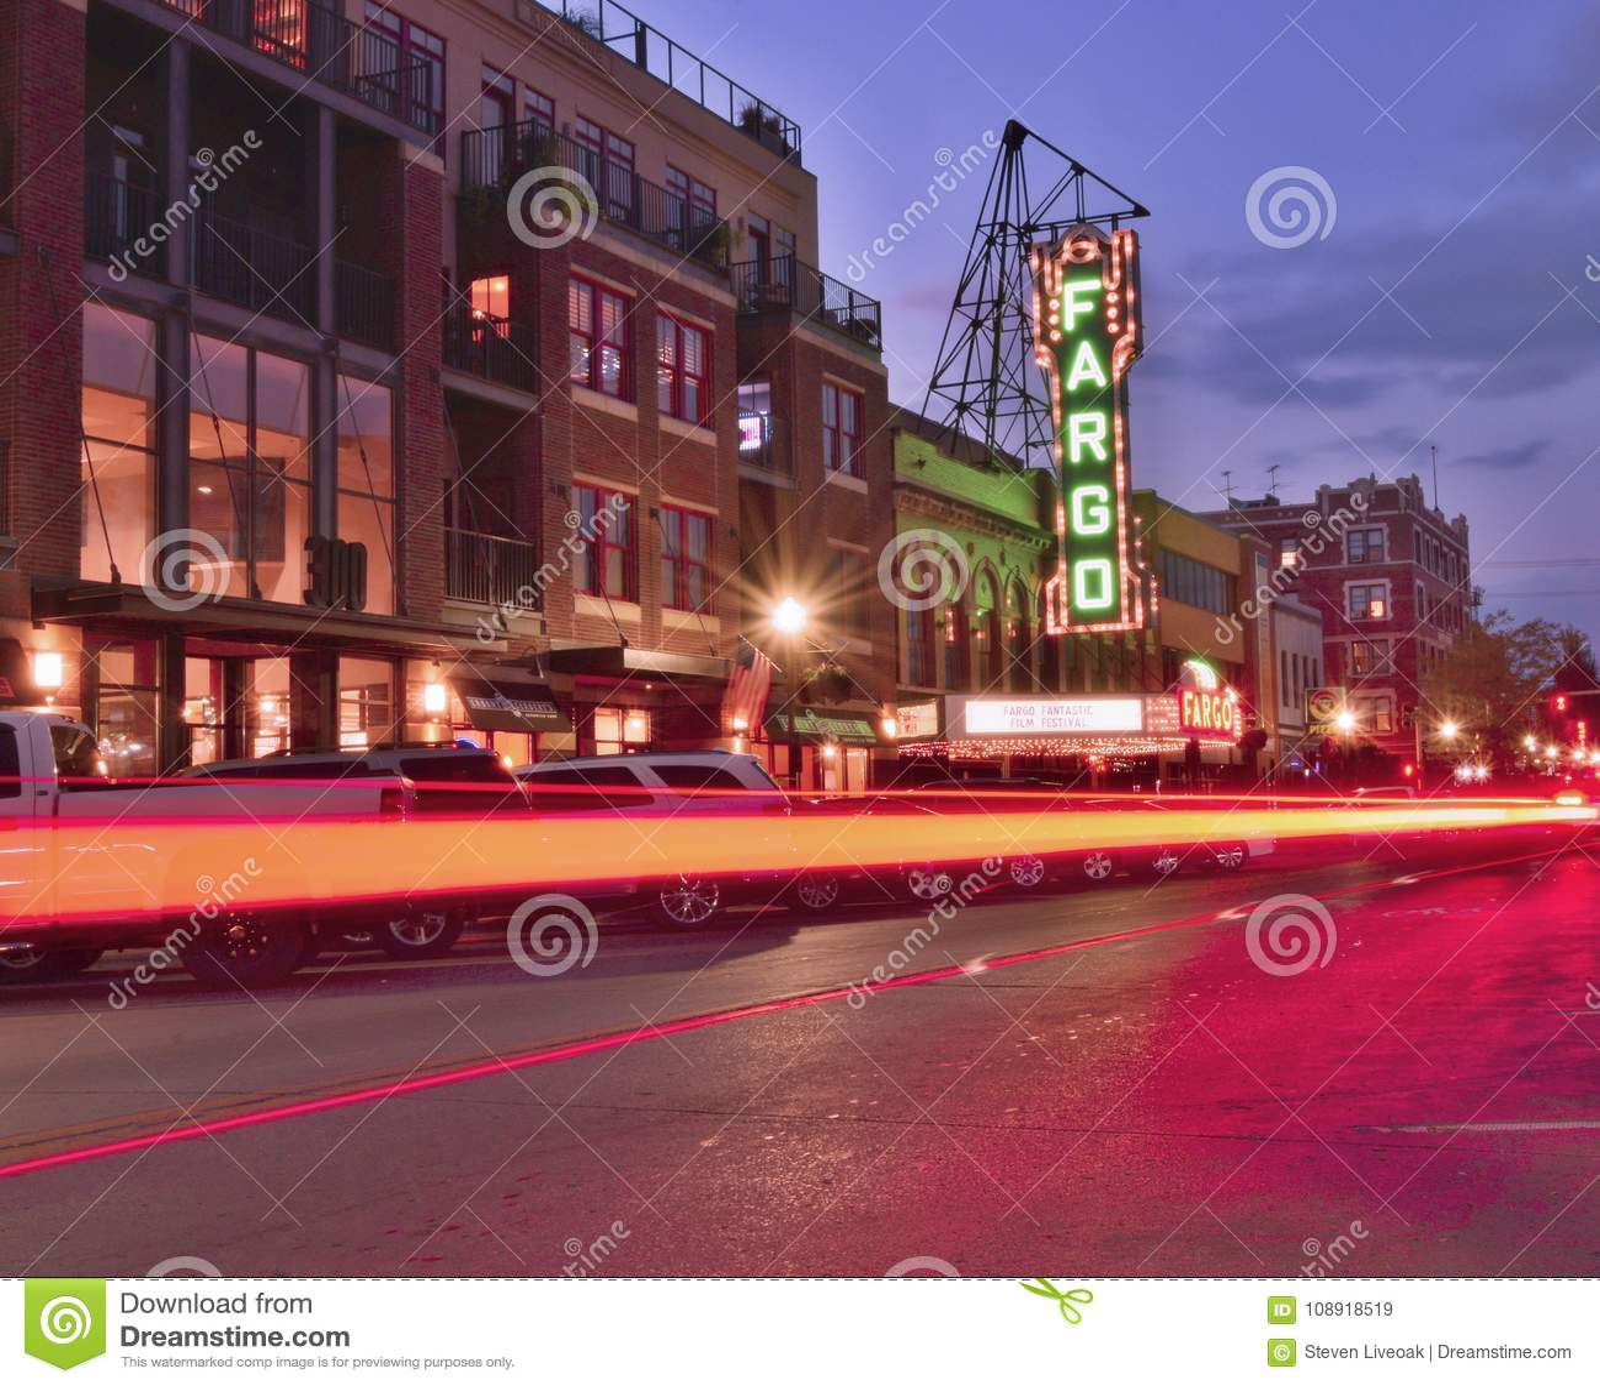 Στο κέντρο της πόλης Fargo και ο κινηματογράφος Fargo theate τη νύχτα